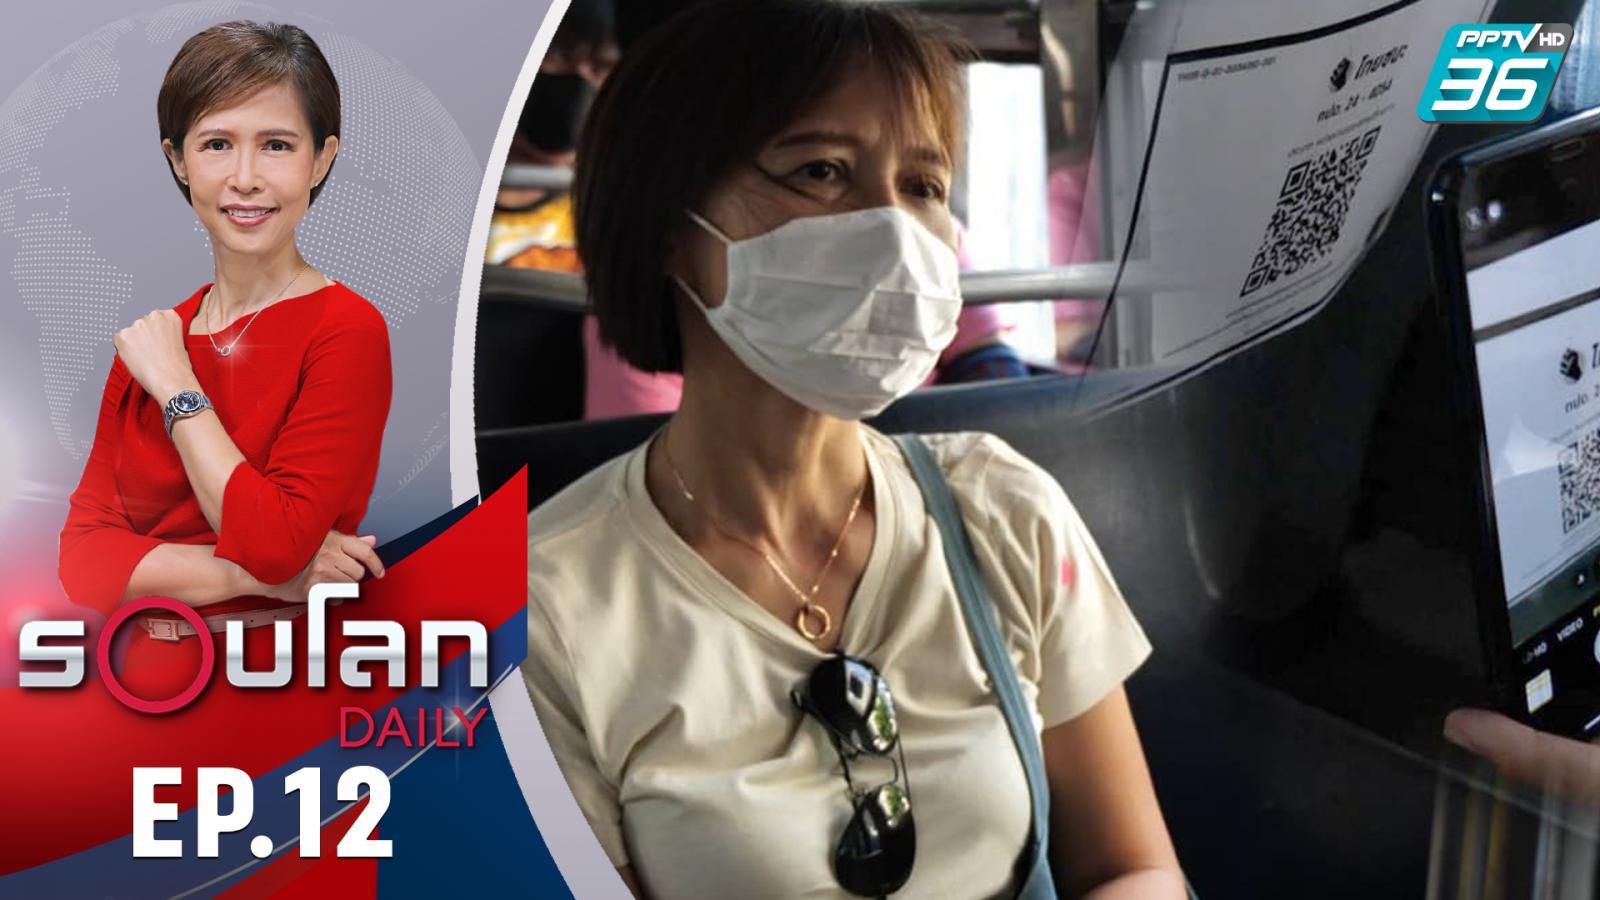 ขึ้นรถเมล์ สแกนไทยชนะ มาตราการควบคุมโควิด-19 ขสมก.